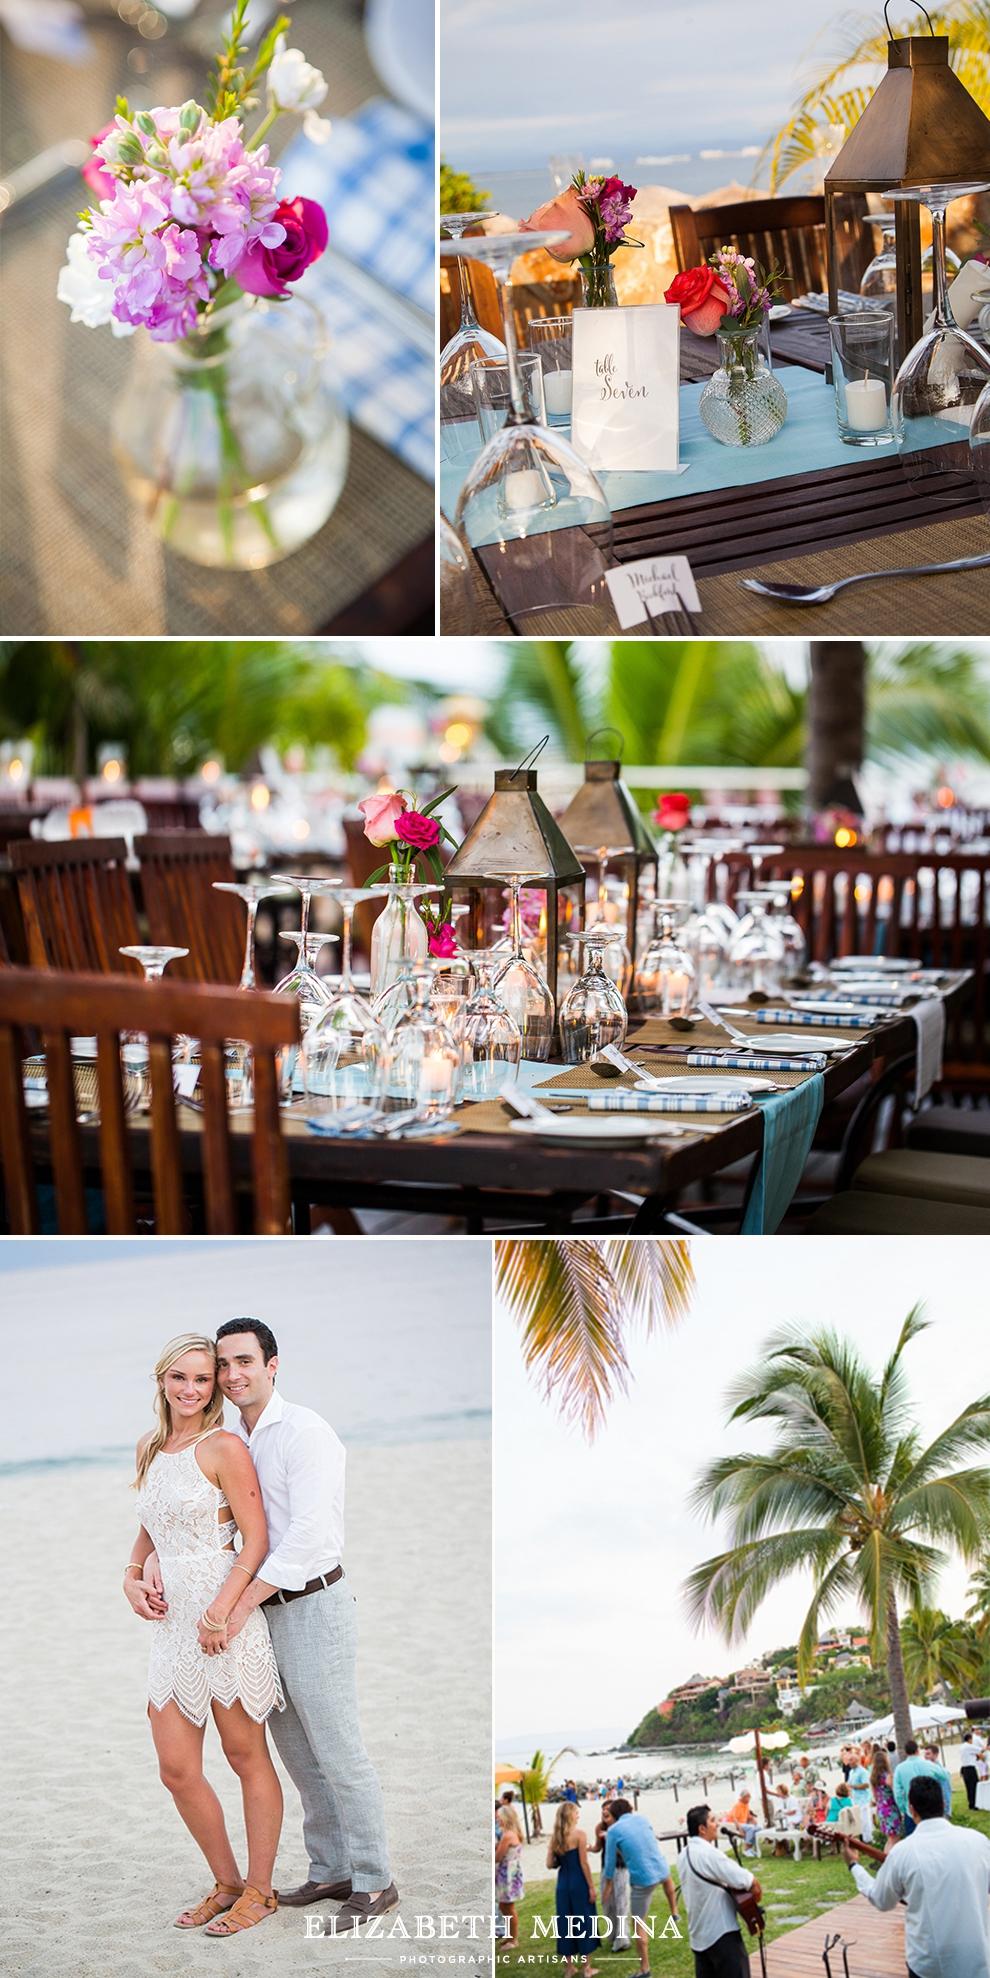 elizabeth medina puerto vallarta wedding photographer 4.jpg Puerto Vallarta Destination Wedding Weekend